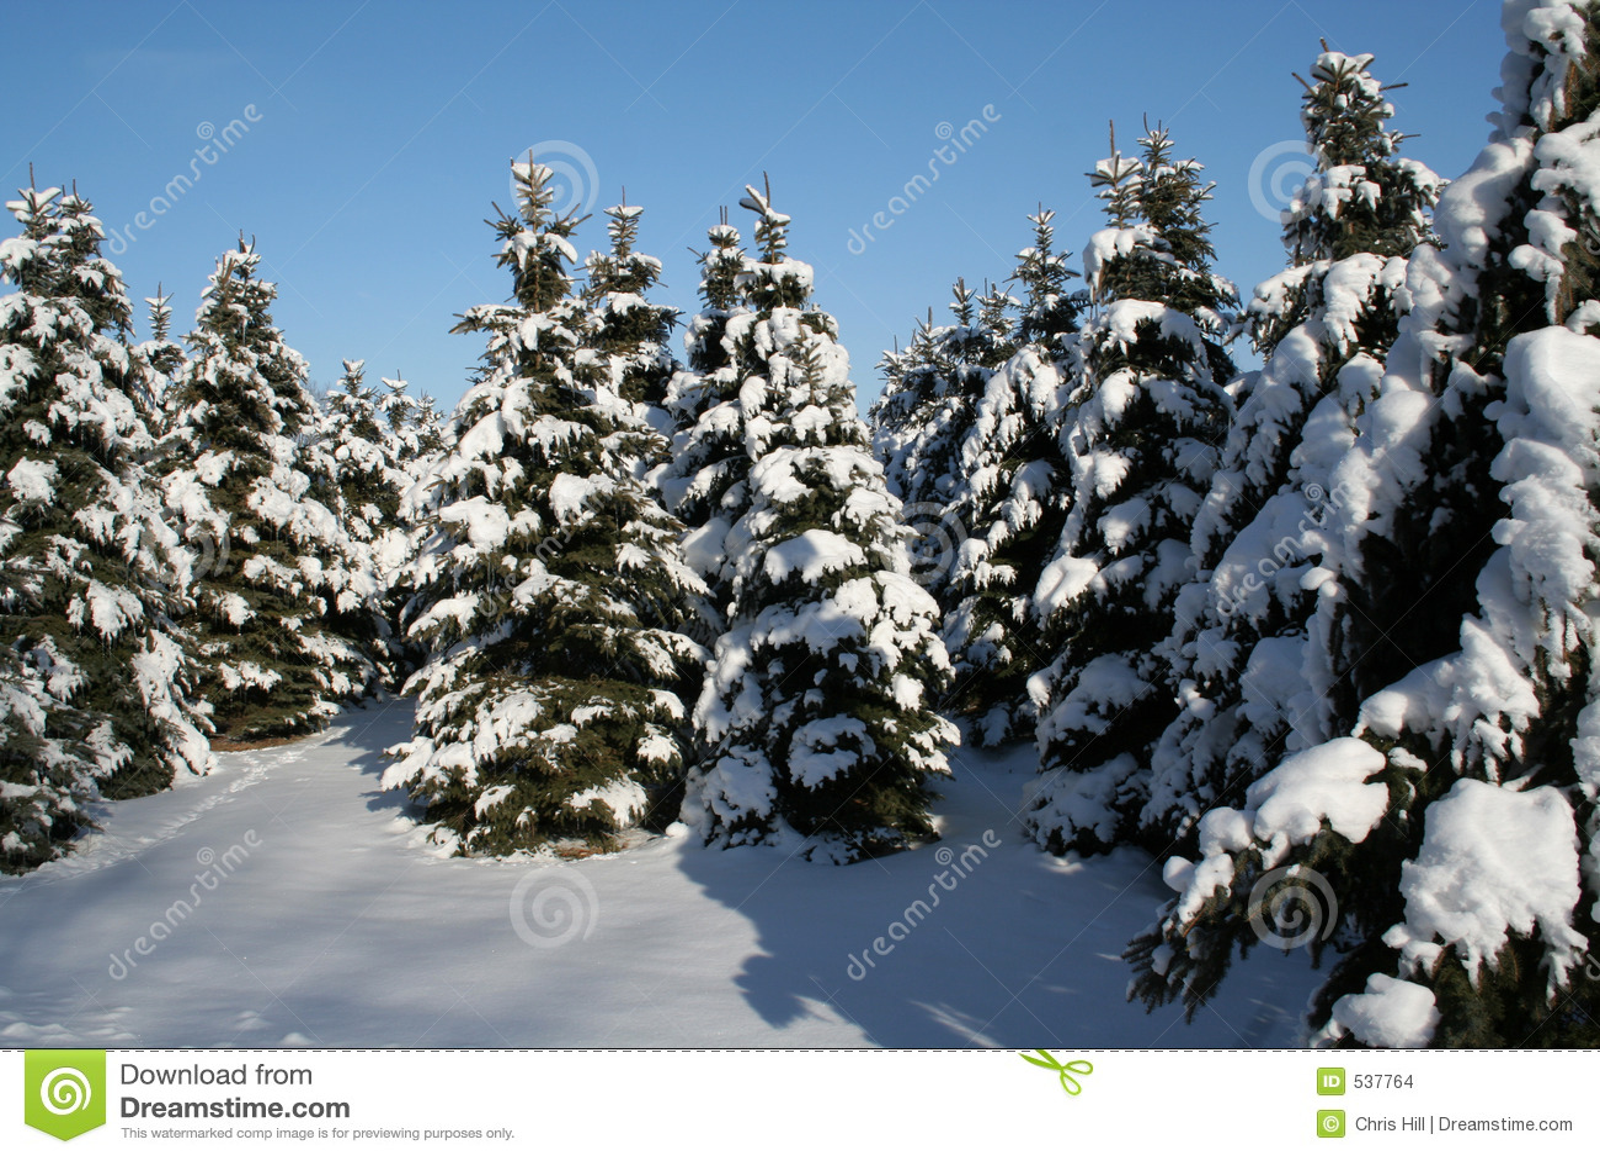 Rboles de hoja perenne nevado foto de archivo imagen de for Arboles para jardin de hoja perenne